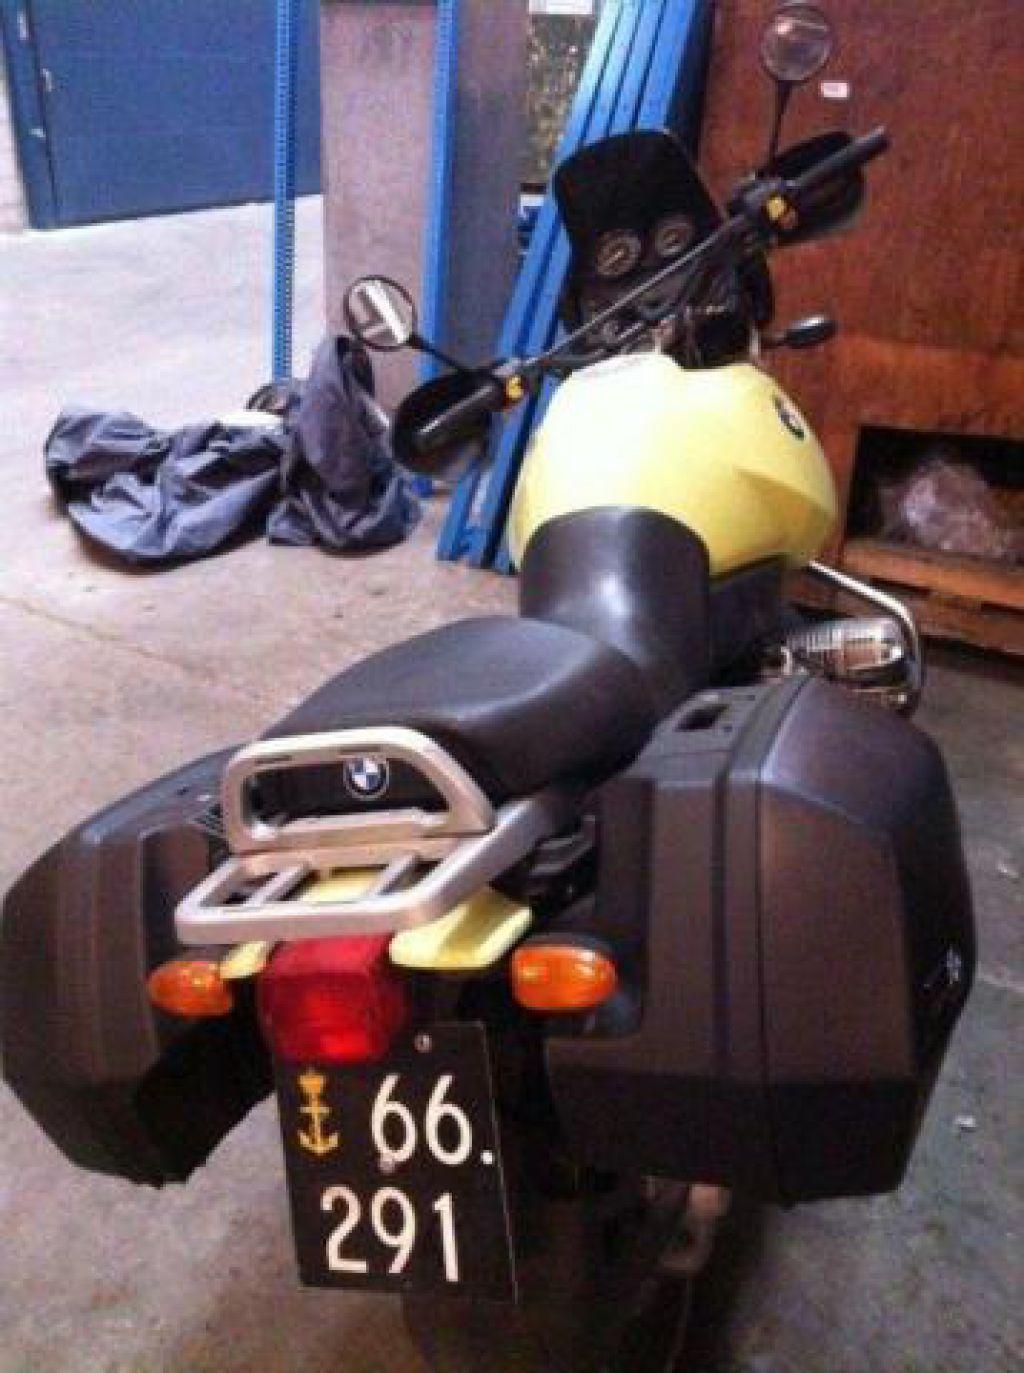 myyt v n bmw r 850 gs motorcykel med k be og sadeltaske. Black Bedroom Furniture Sets. Home Design Ideas